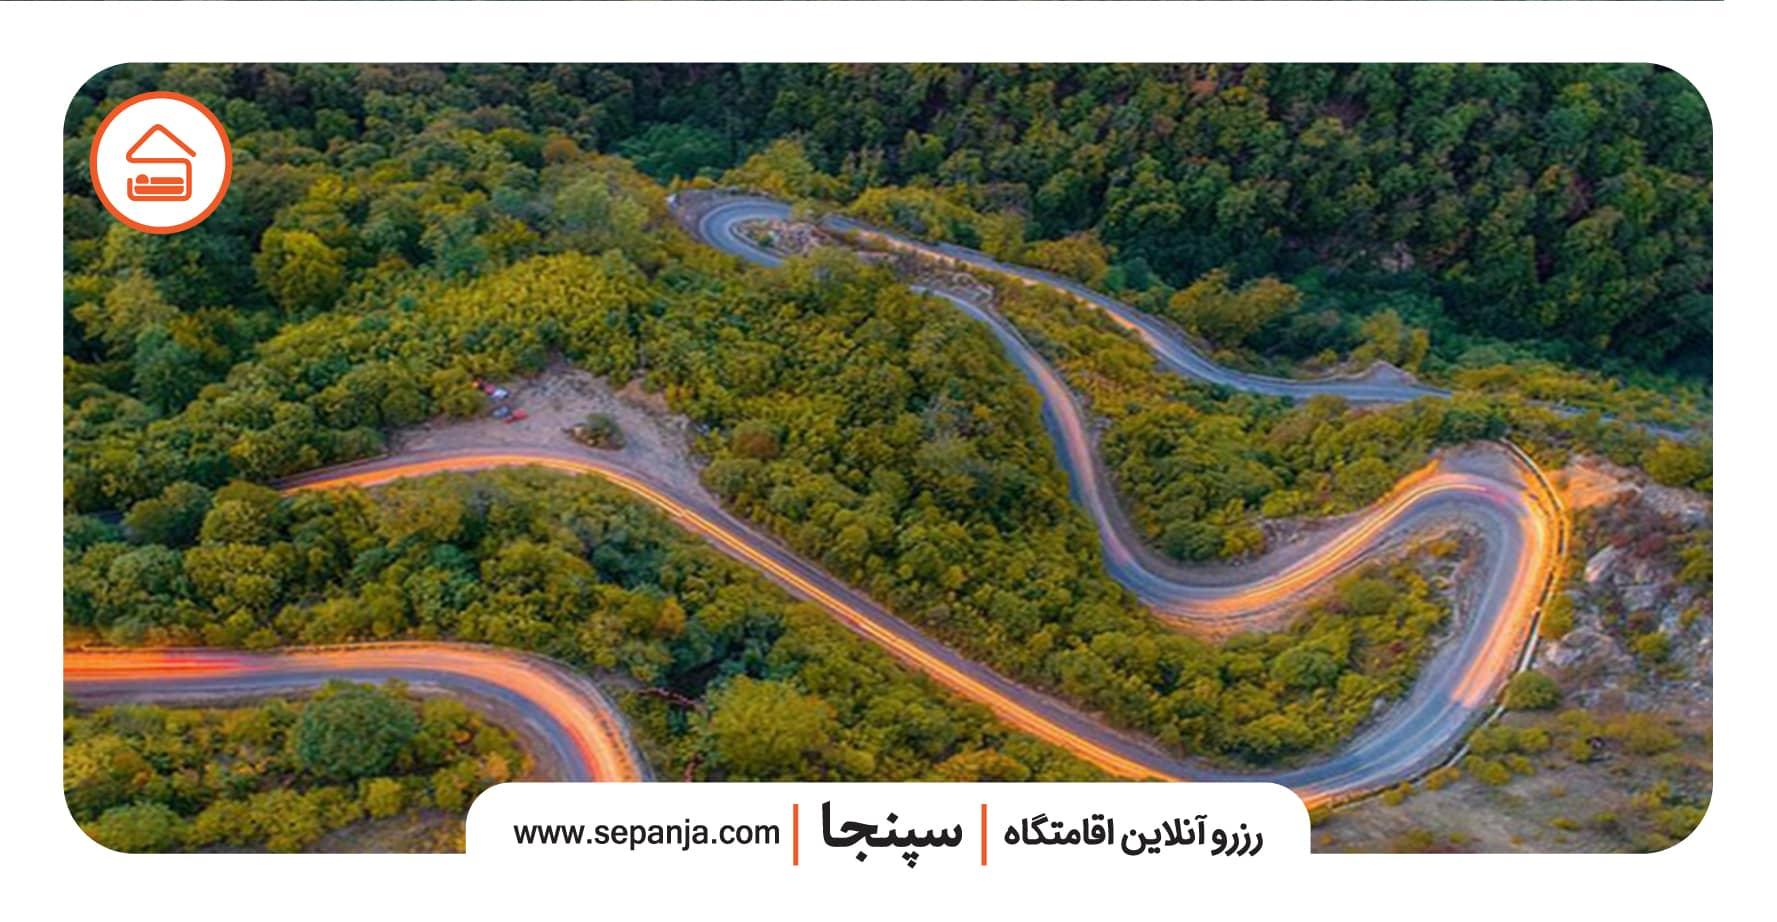 نمایی از جنگل های توسکتان در استان گلستان